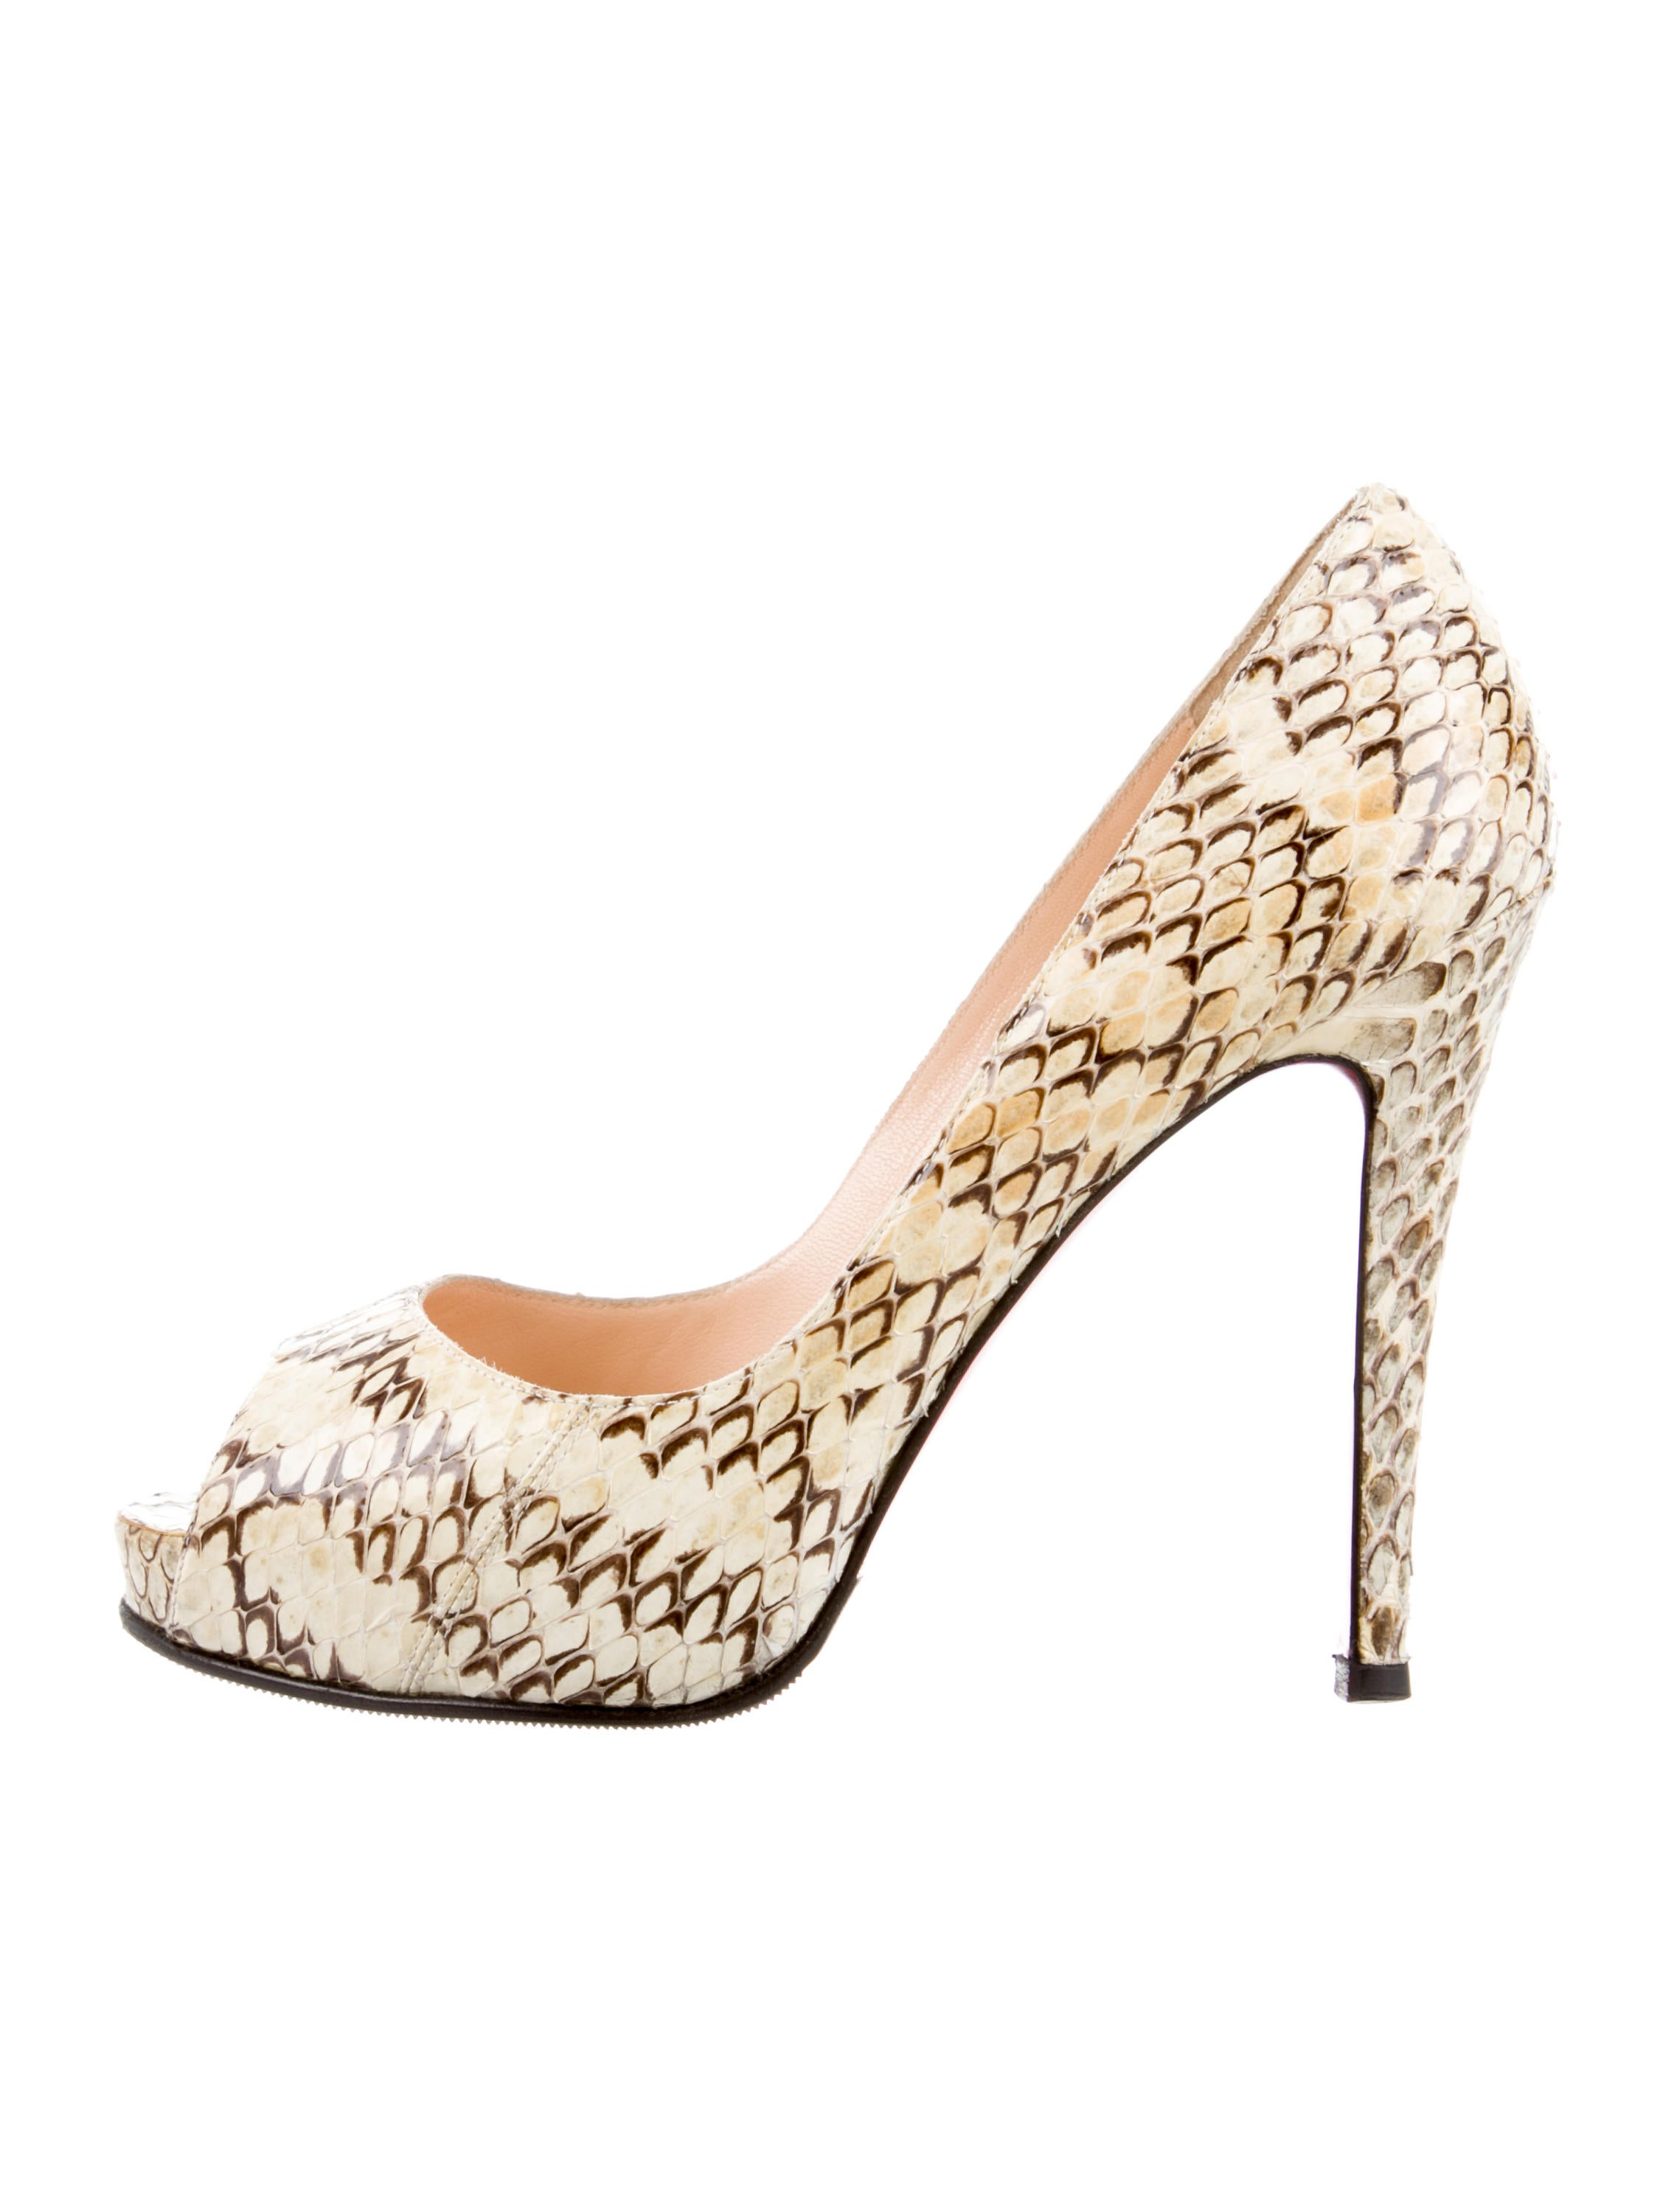 info for ef883 1e62b Christian Louboutin Python Peep-Toe Pumps - Shoes - CHT99083 ...